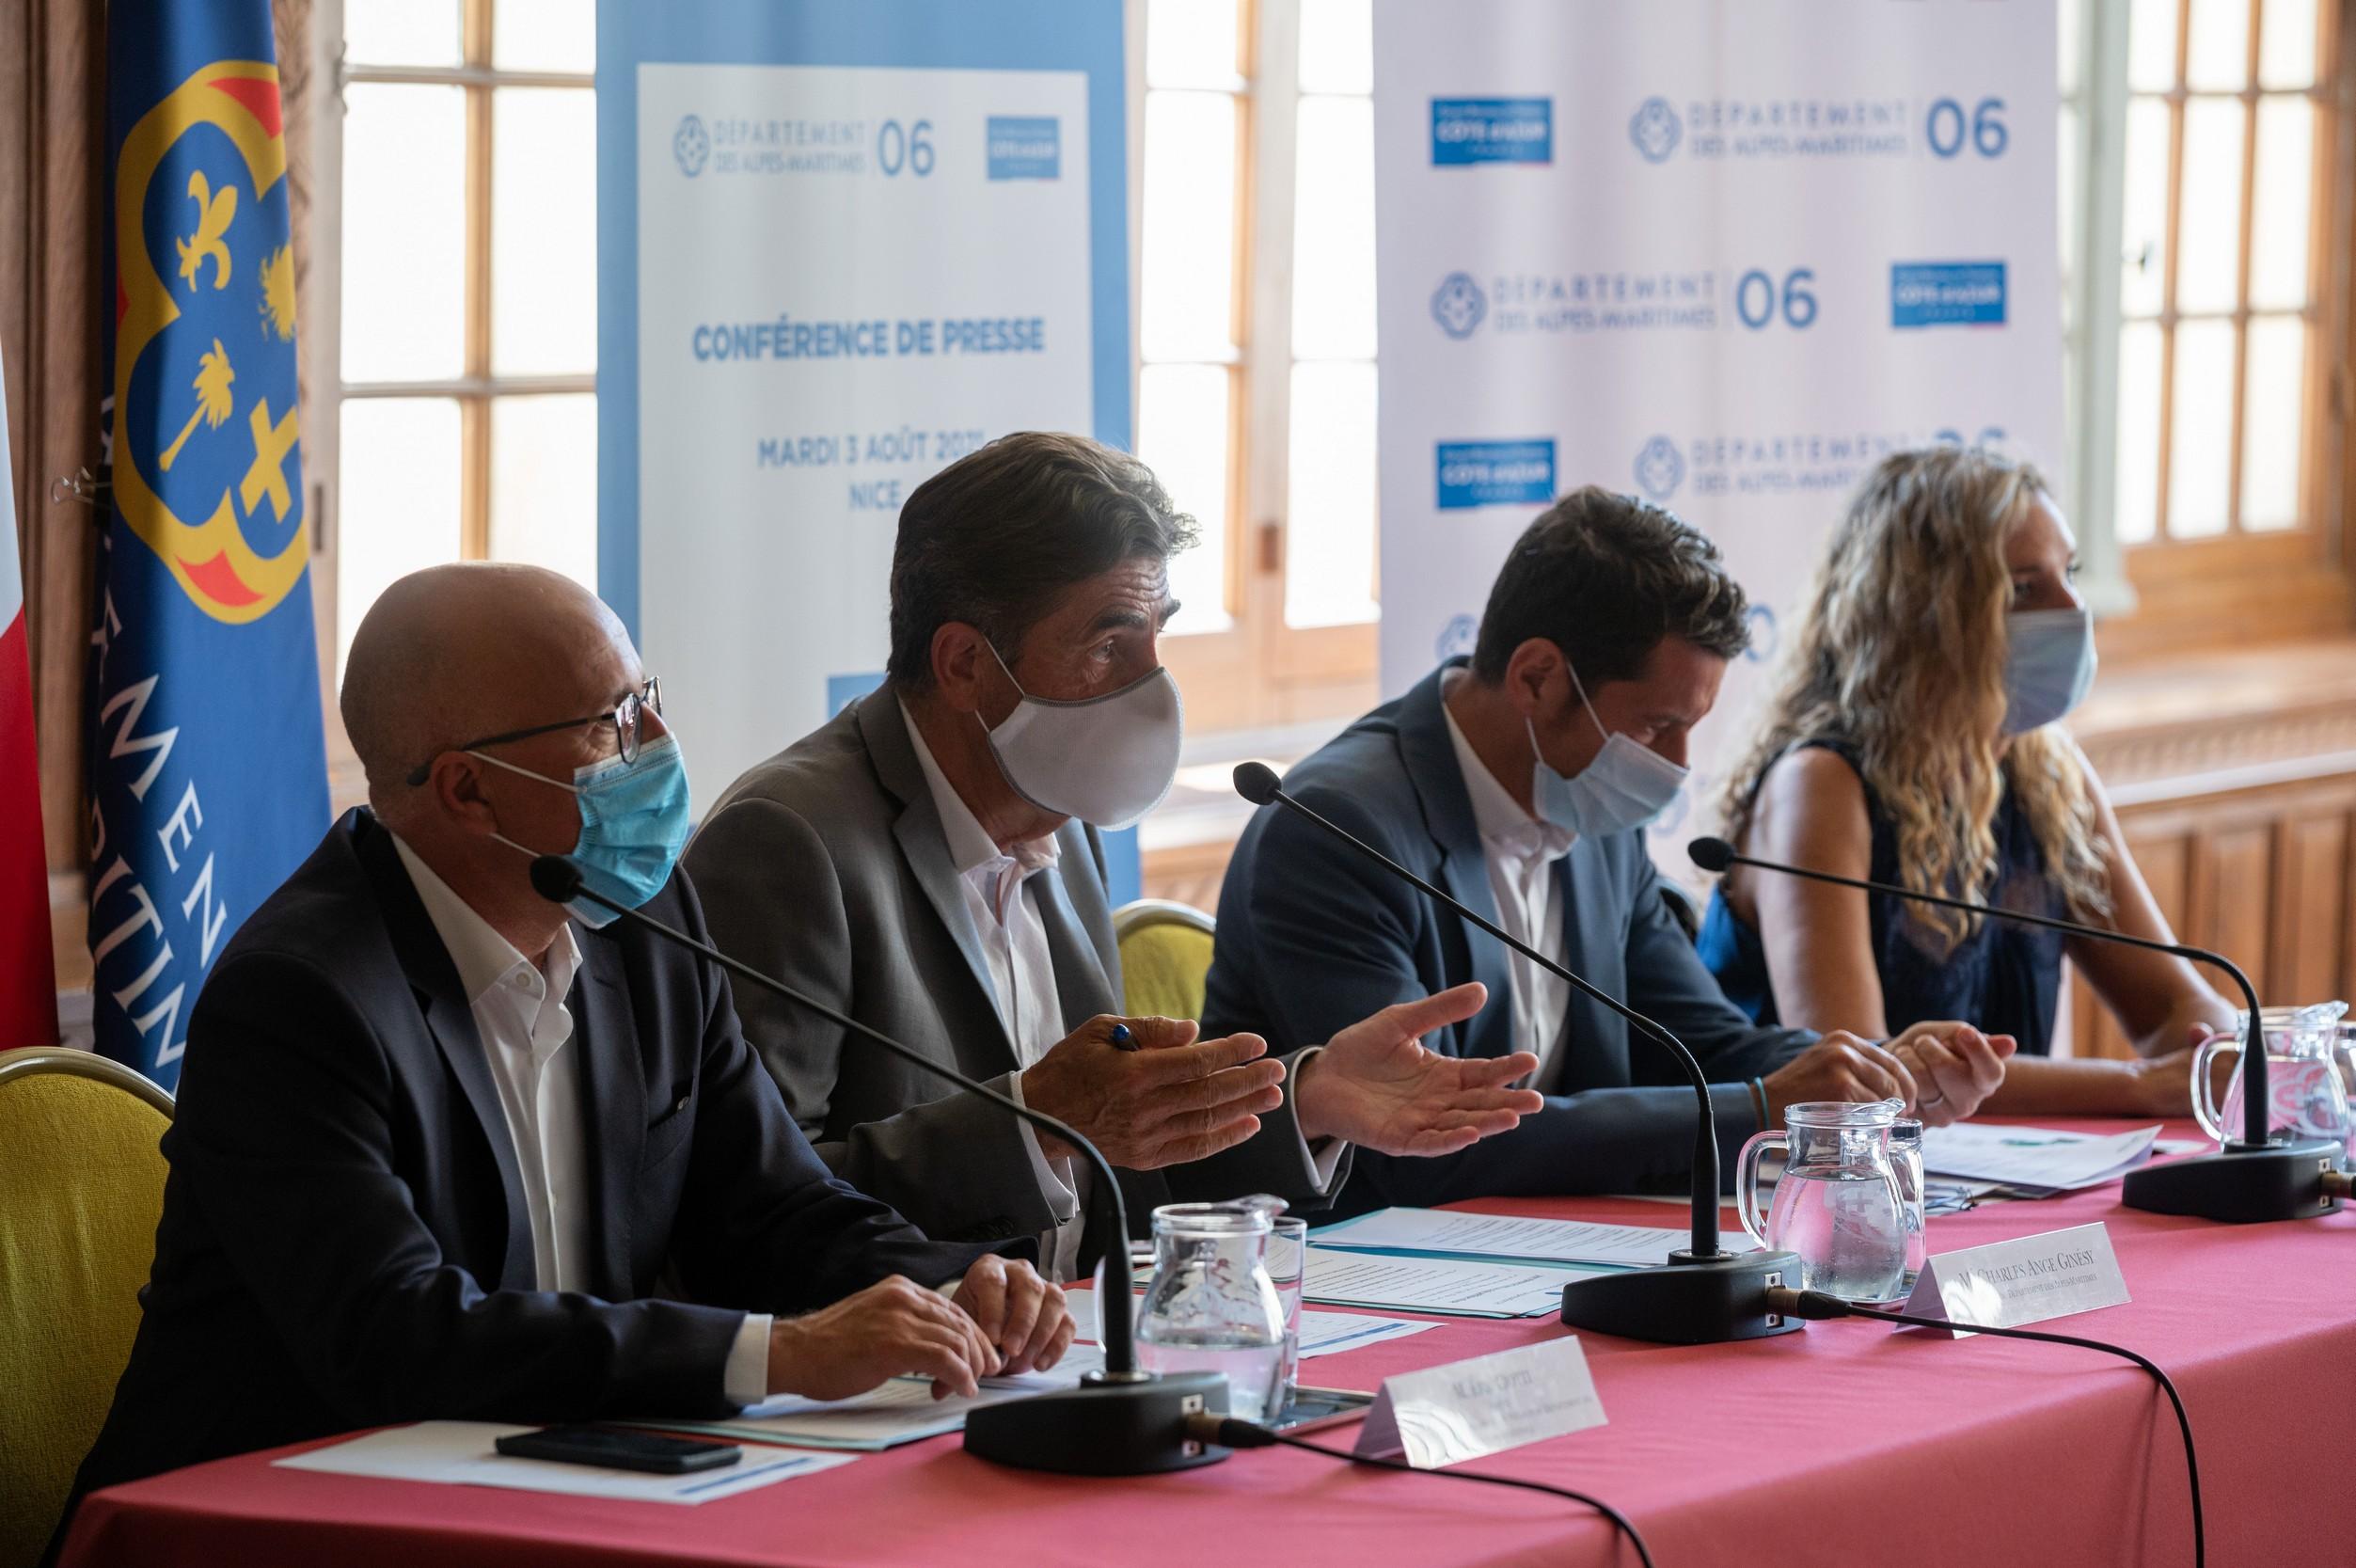 Le Département des Alpes-Maritimes volera au secours du CRT Côte d'Azur /photo dr